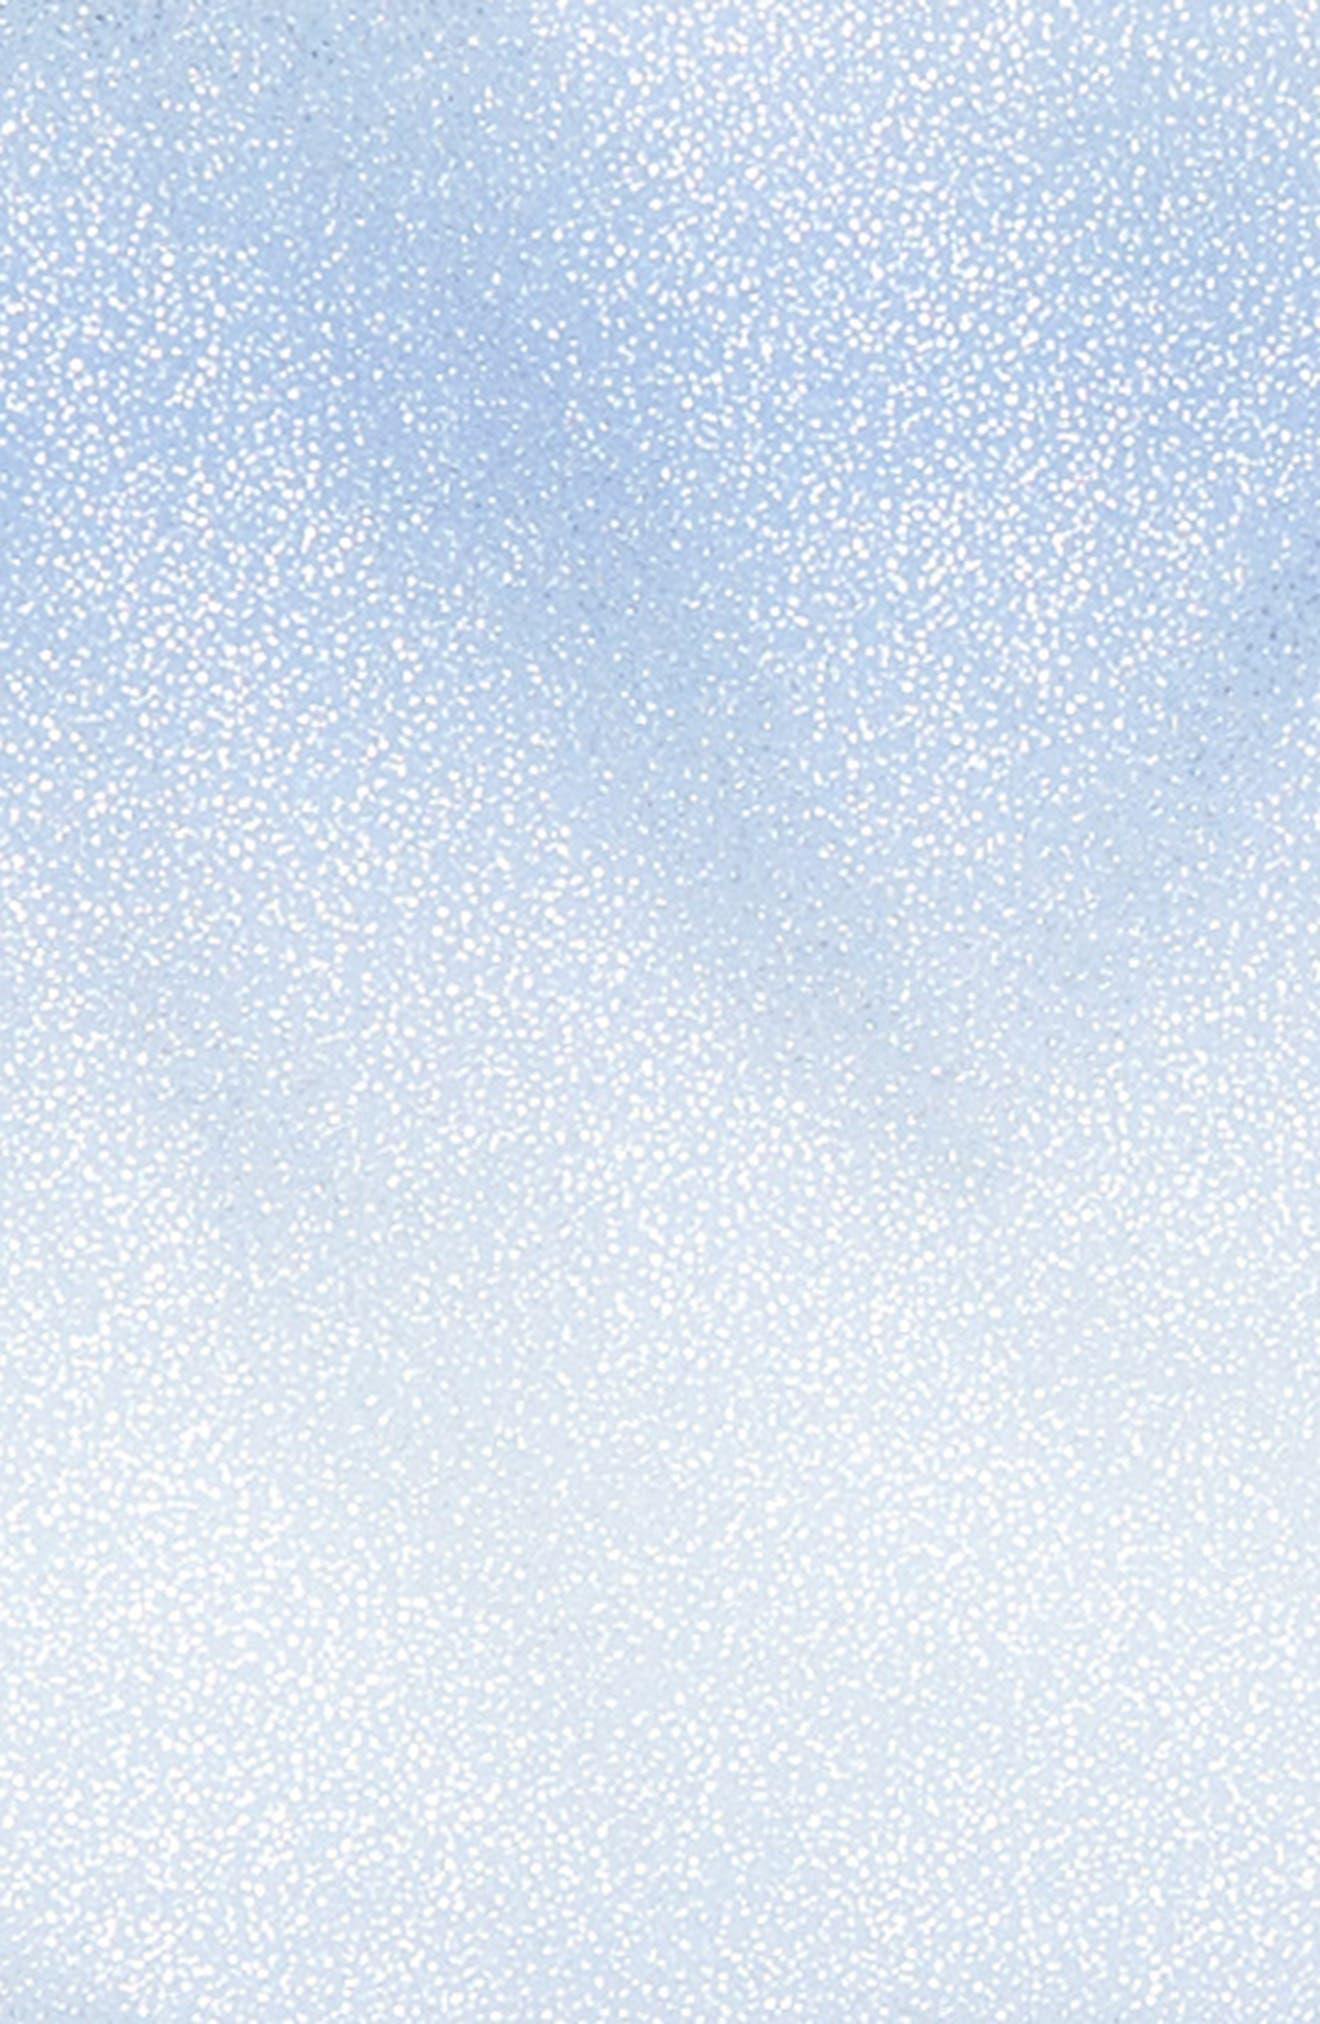 Two-Piece Racerback Swimsuit,                             Alternate thumbnail 4, color,                             BLUE HAZE OMBRE